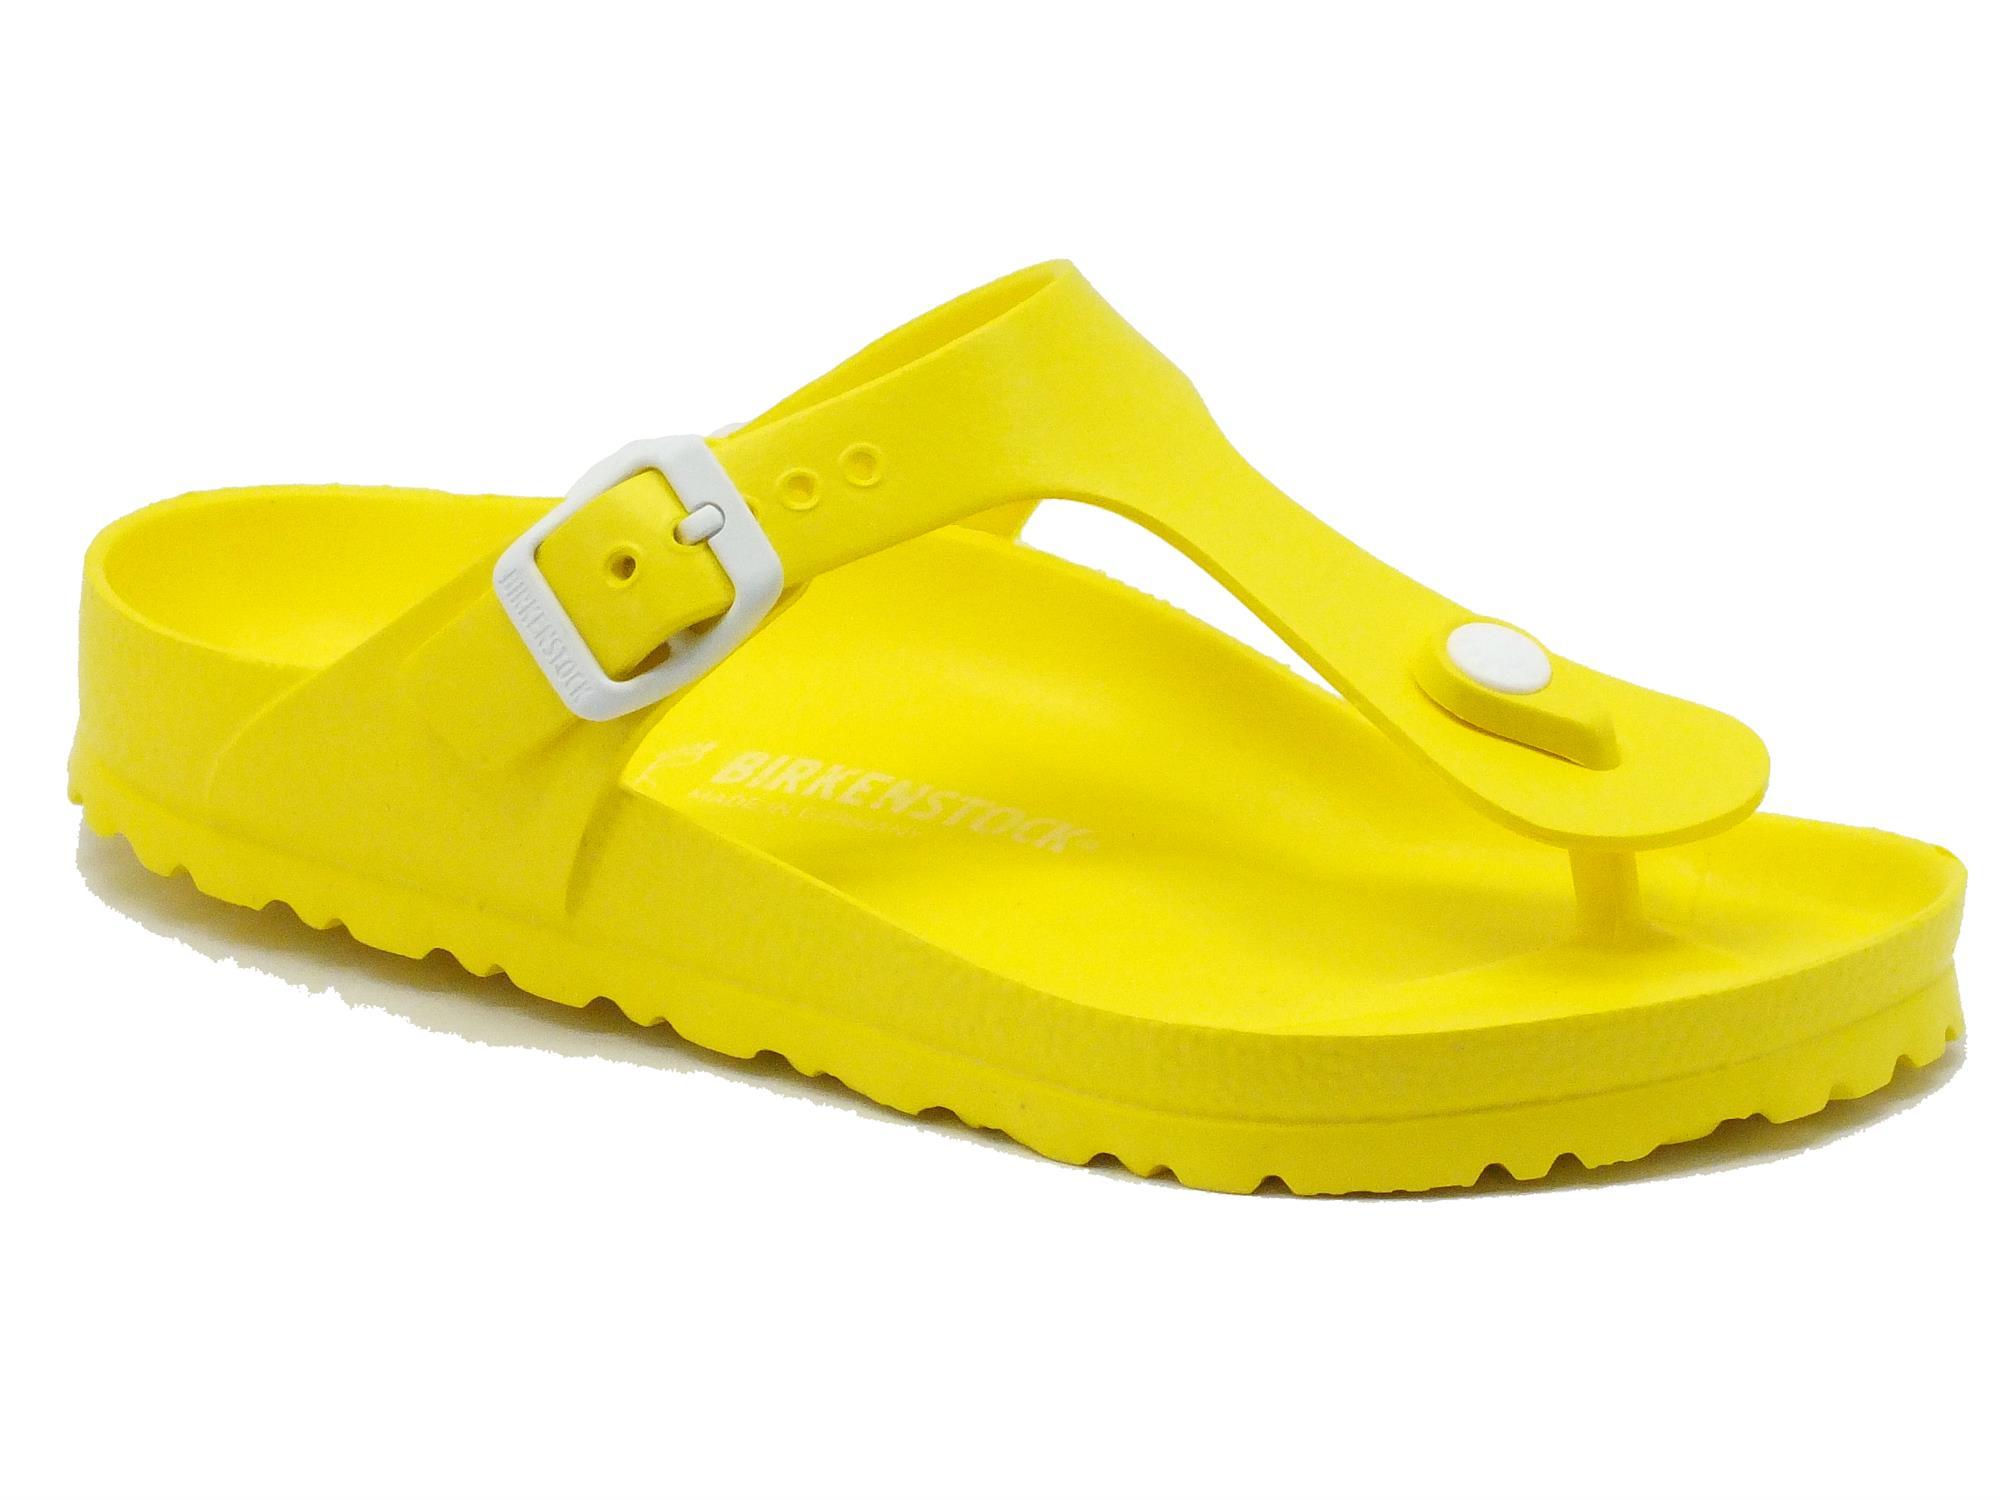 d0c09a8ef9078 Infradito Birkenstock donna sintetico giallo - Vitiello Calzature